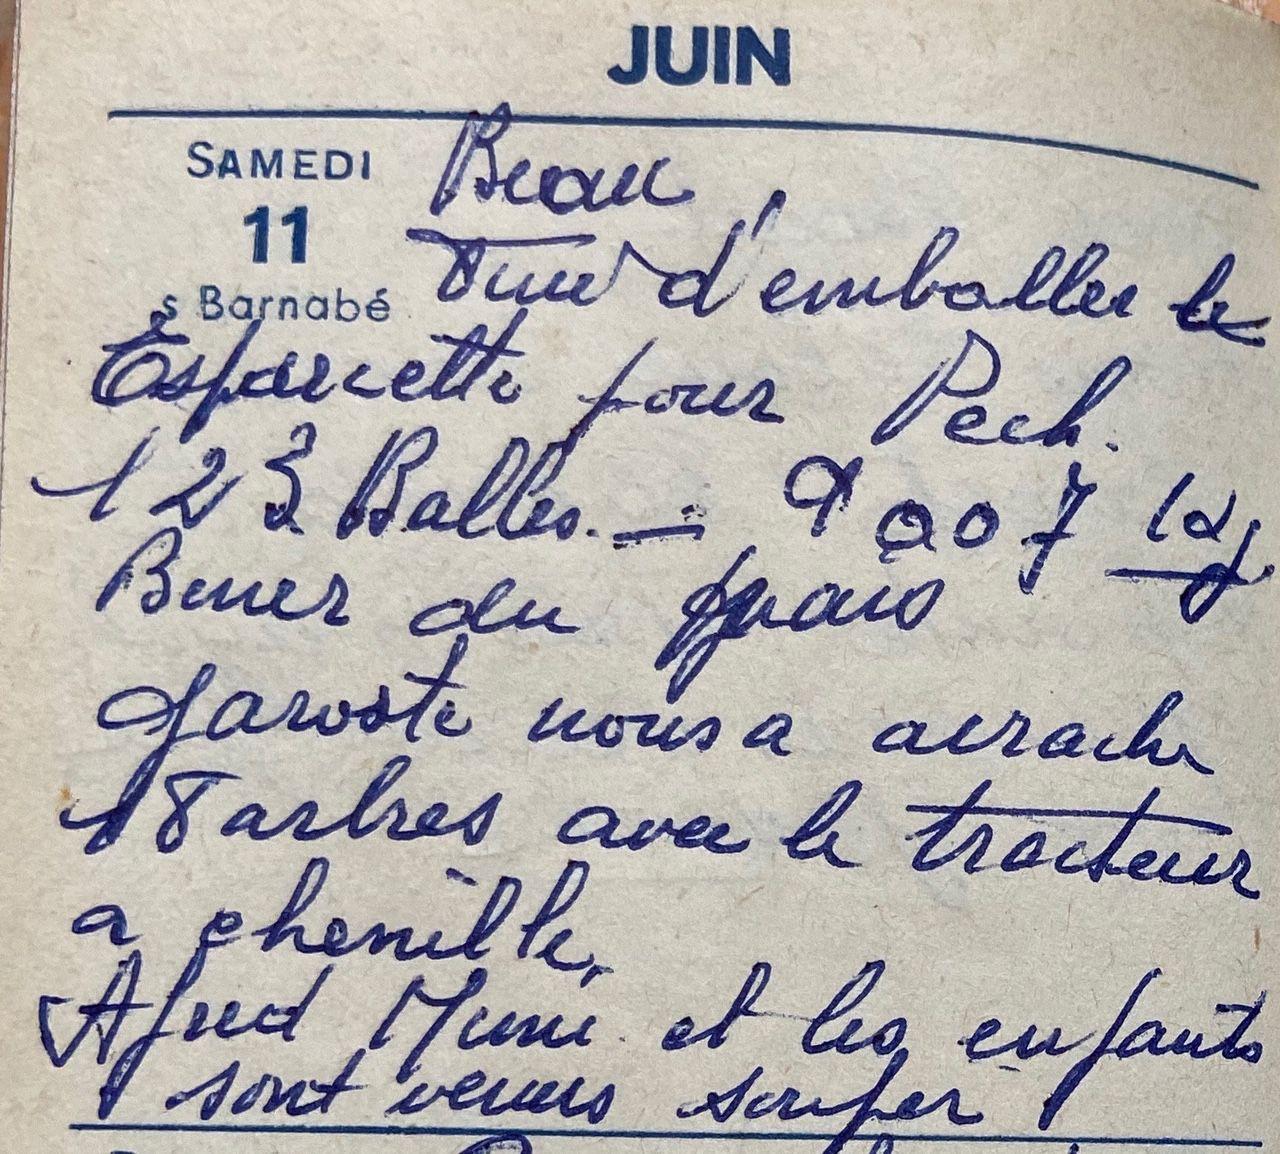 Samedi 11 juin 1960 - les 18 arbres et le tracteur à chenilles